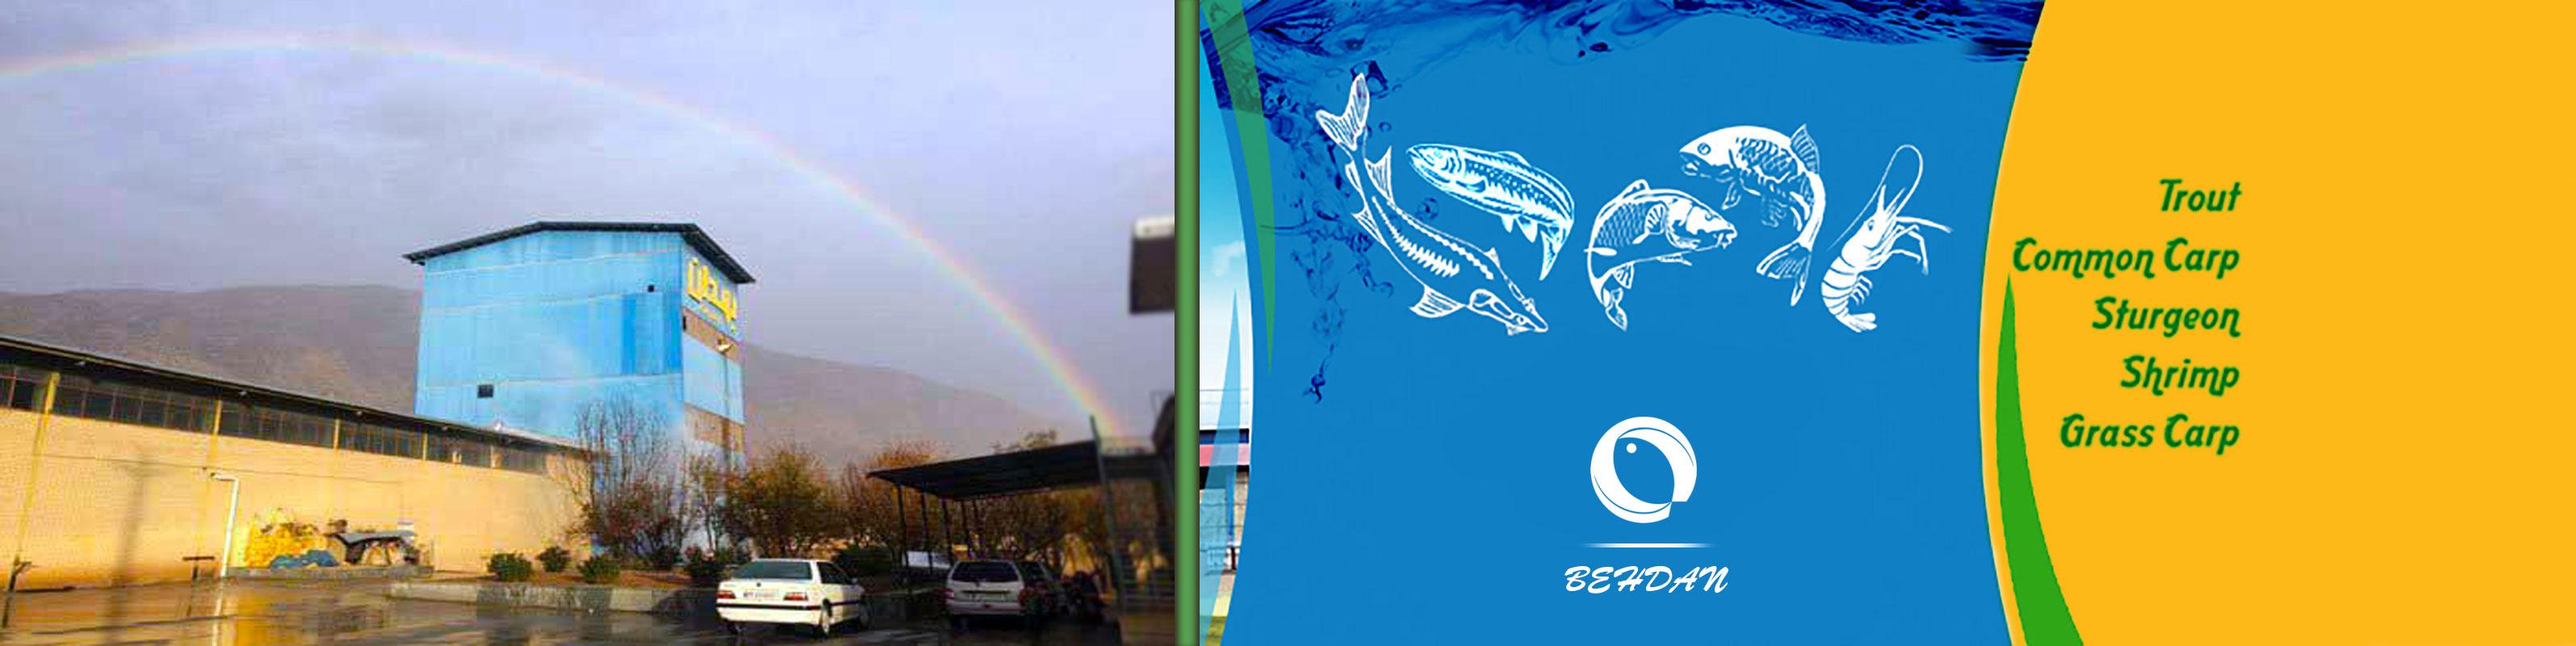 تولید غذا ماهی - خرید غذا ماهی - فروش غذا ماهی